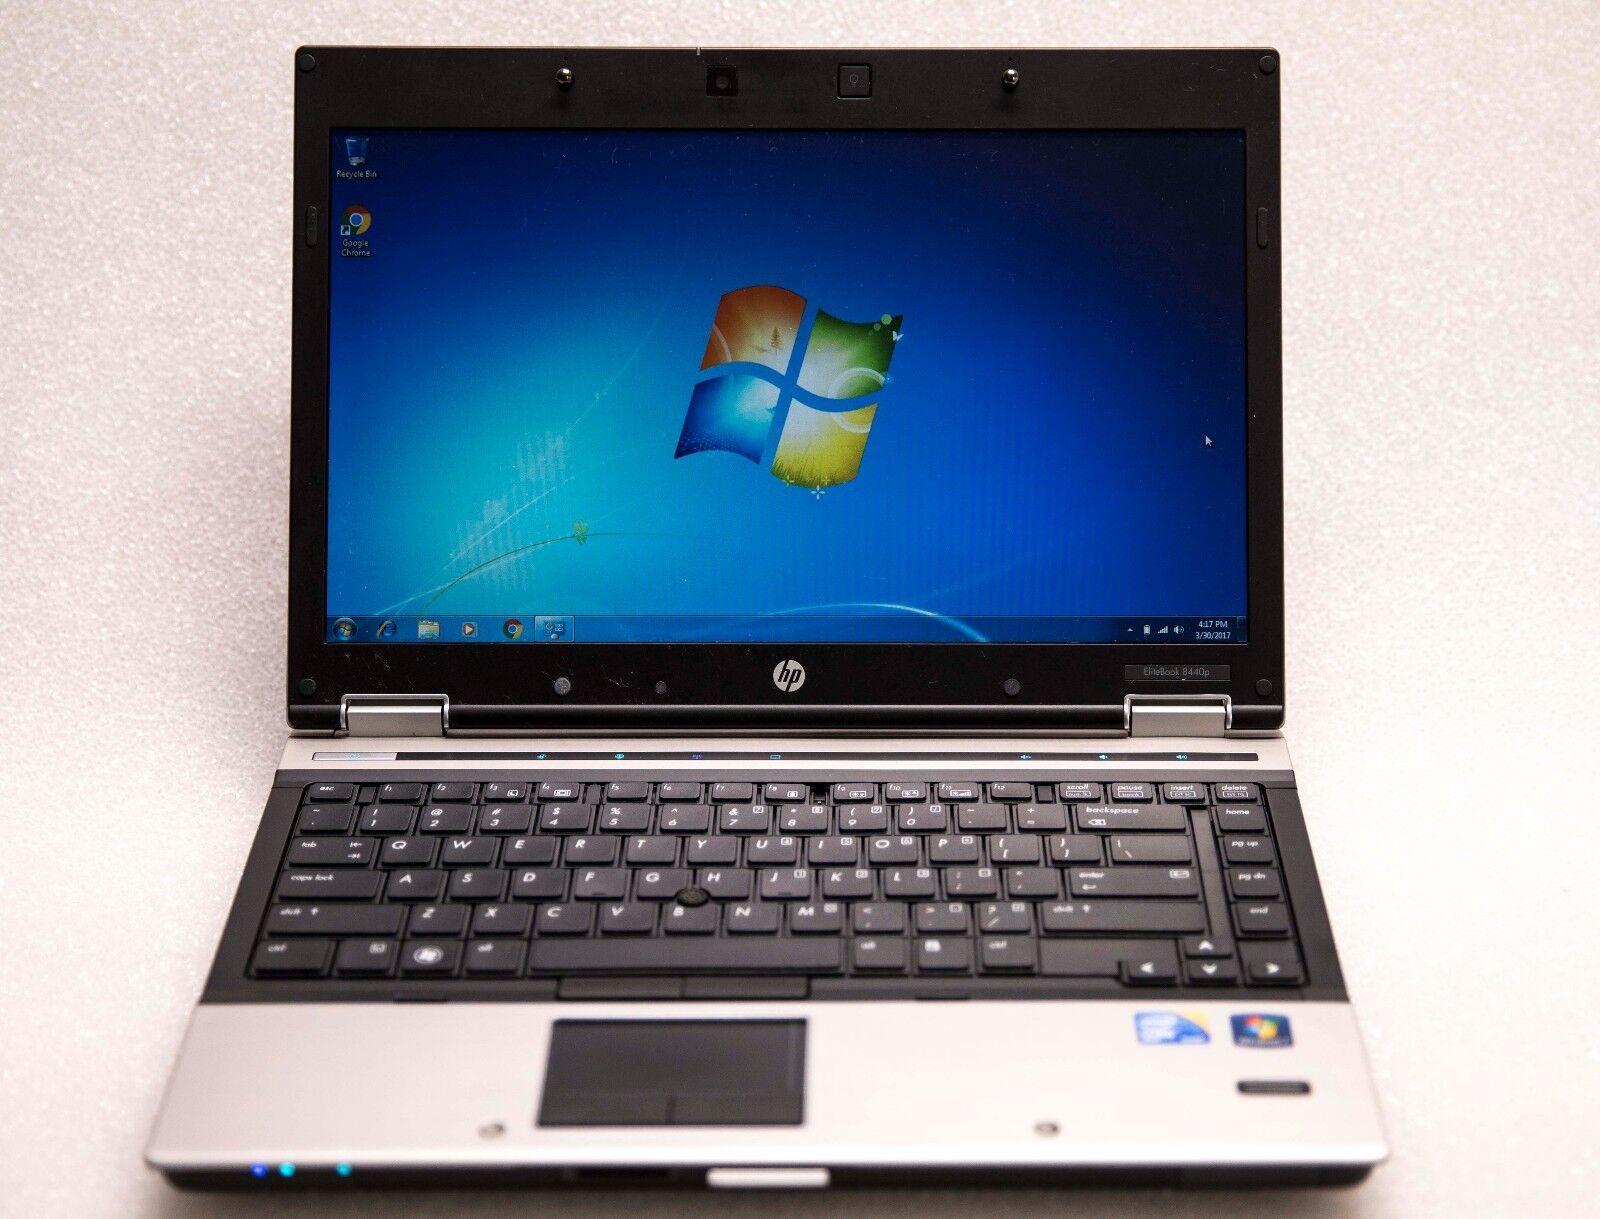 """HP EliteBook 8440p 14"""" Core i5 2.4GHz 4GB 160GB Webcam Wireless Win 7 Pro Laptop"""